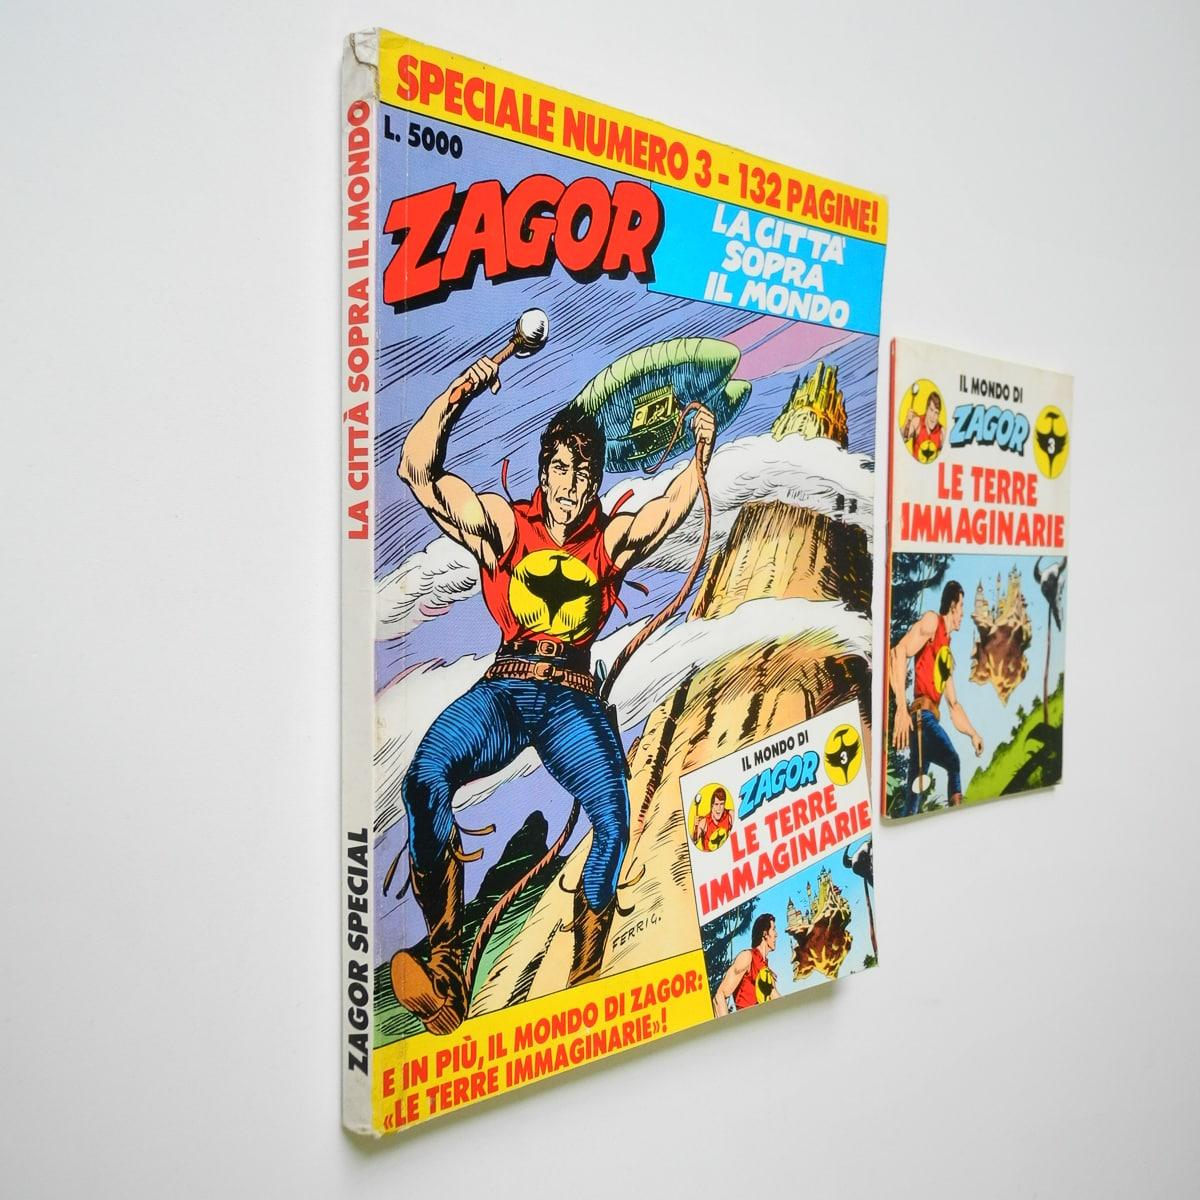 Zagor Speciale n. 3 con albetto Daim Press